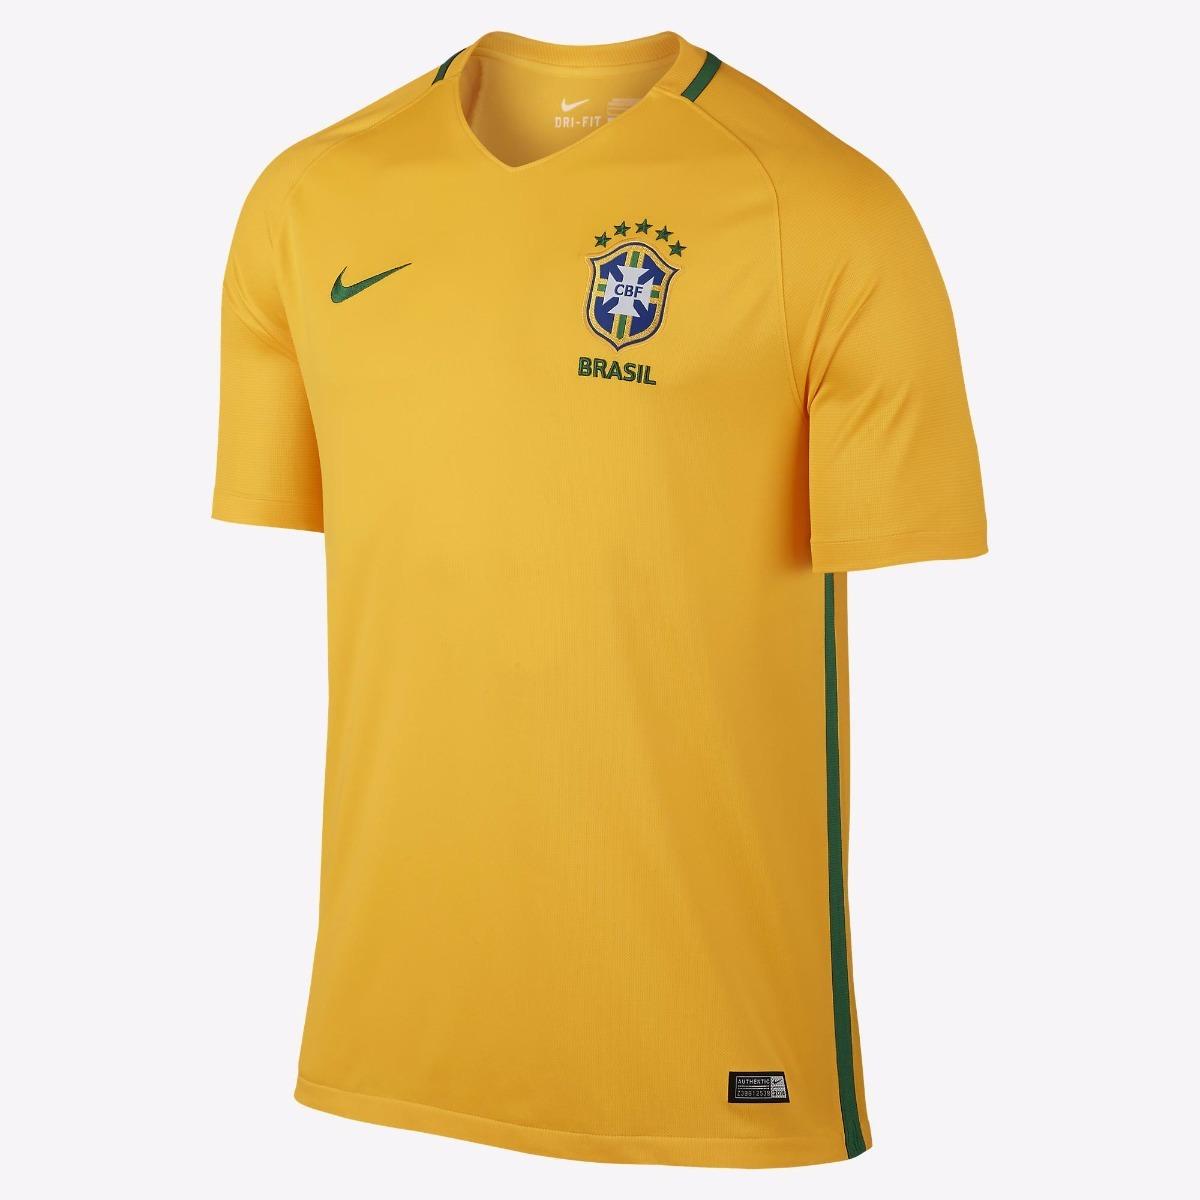 82f7b26024 camisa nike seleção brasileira oficial 2017- 2018 amarelinha. Carregando  zoom.